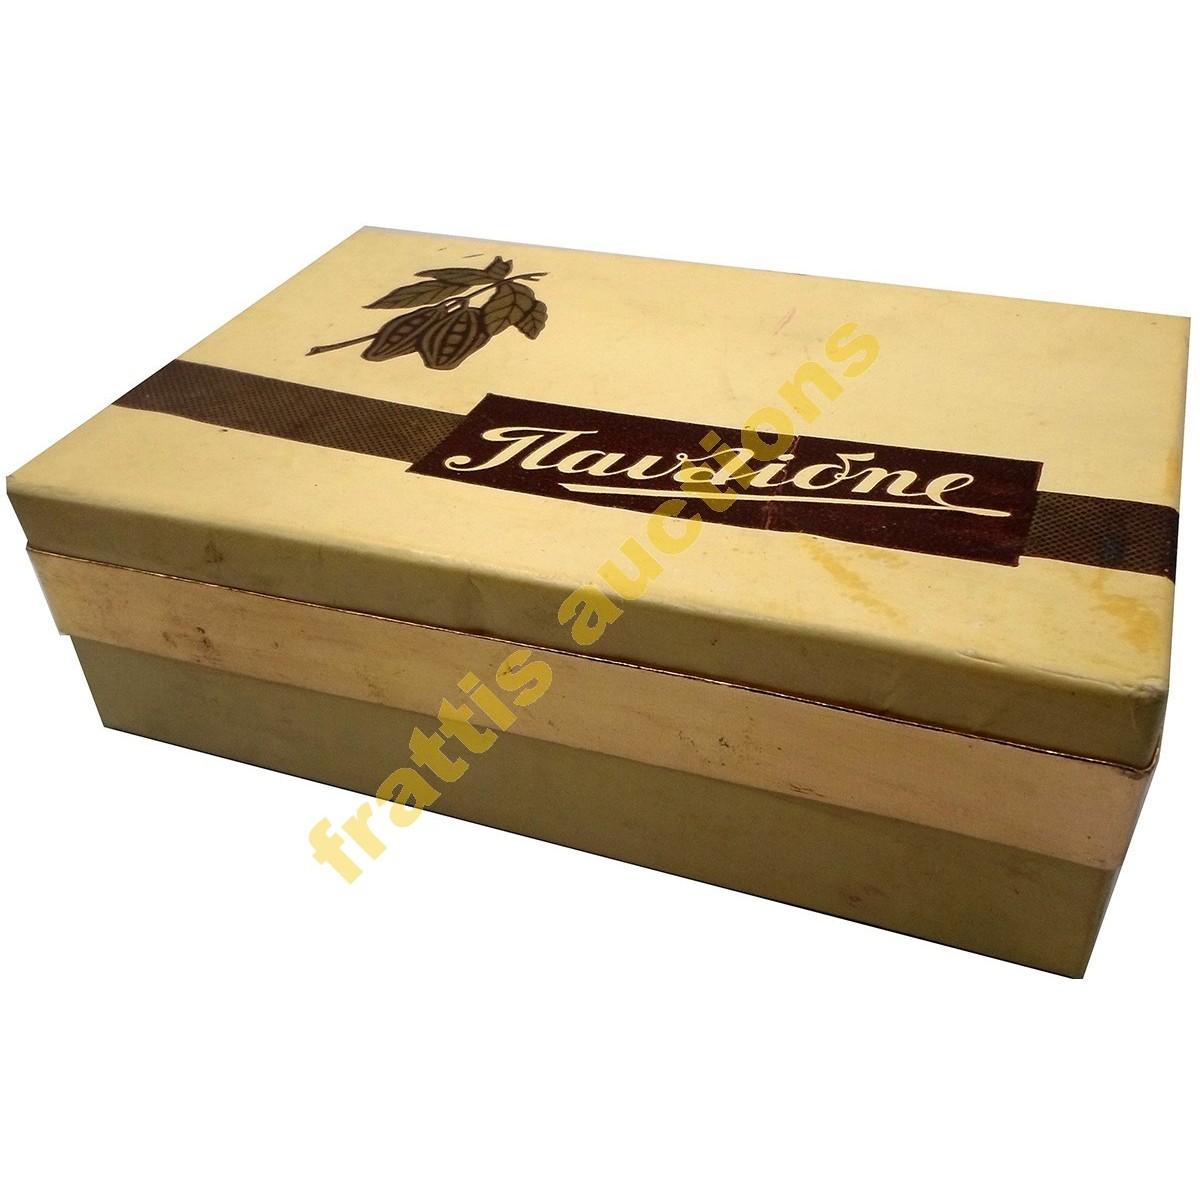 Παυλίδης, χάρτινο κουτί.